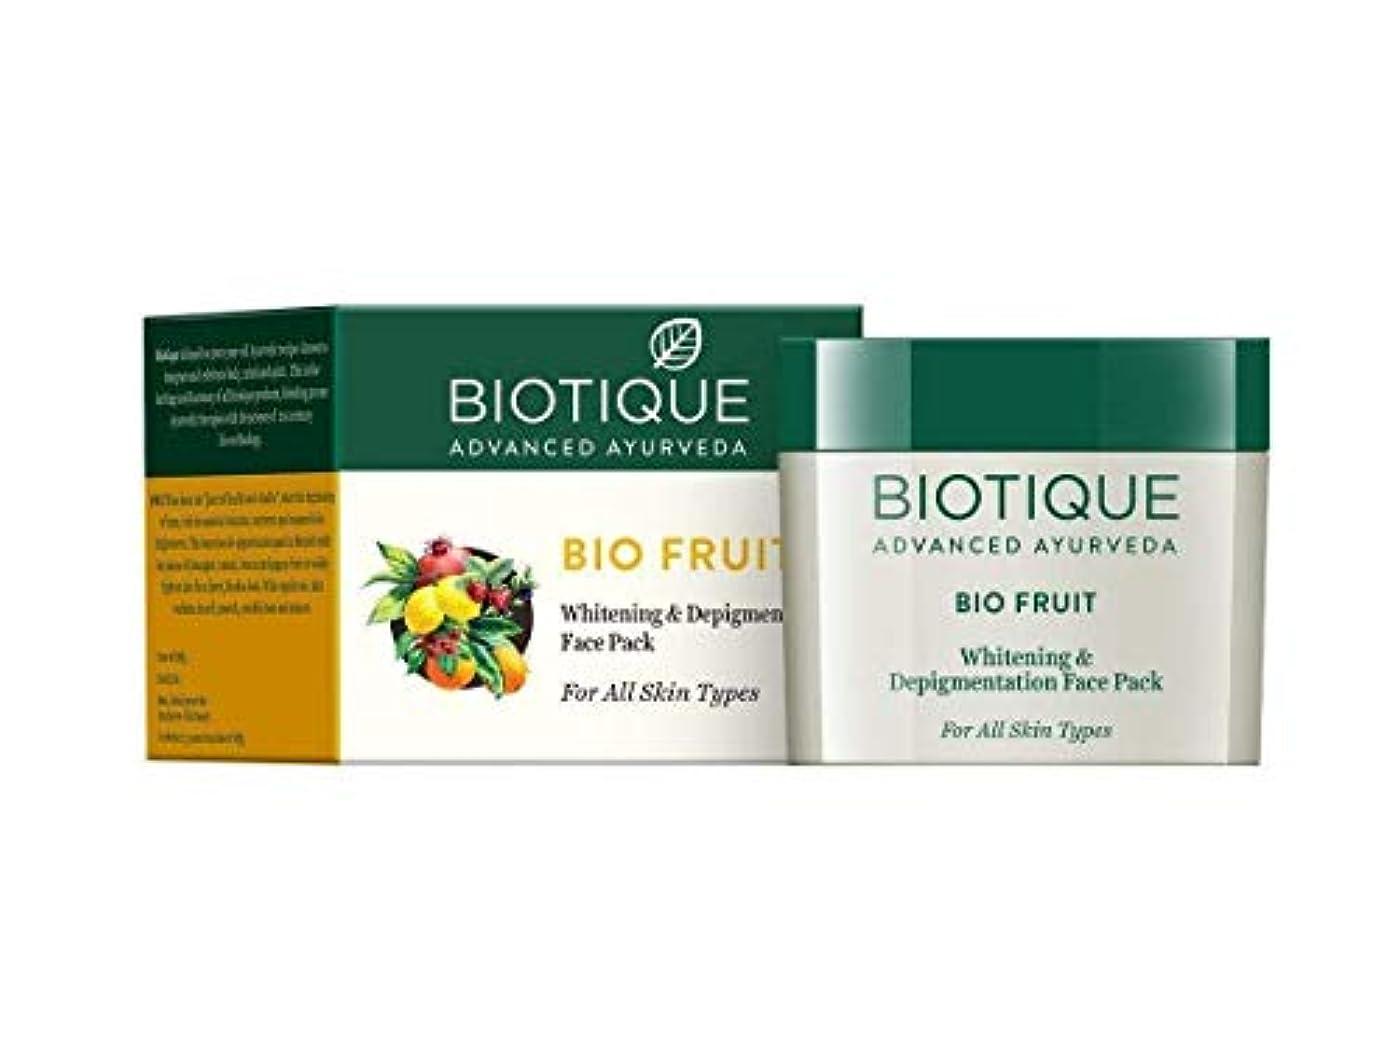 アナウンサー資本主義背が高いBiotique Fruit Whitening & Depigmentation Face Pack 75g soft smooth Skin tone ビオティックフルーツホワイトニング&デピグメントフェイスパックソフトスムーススキントーン